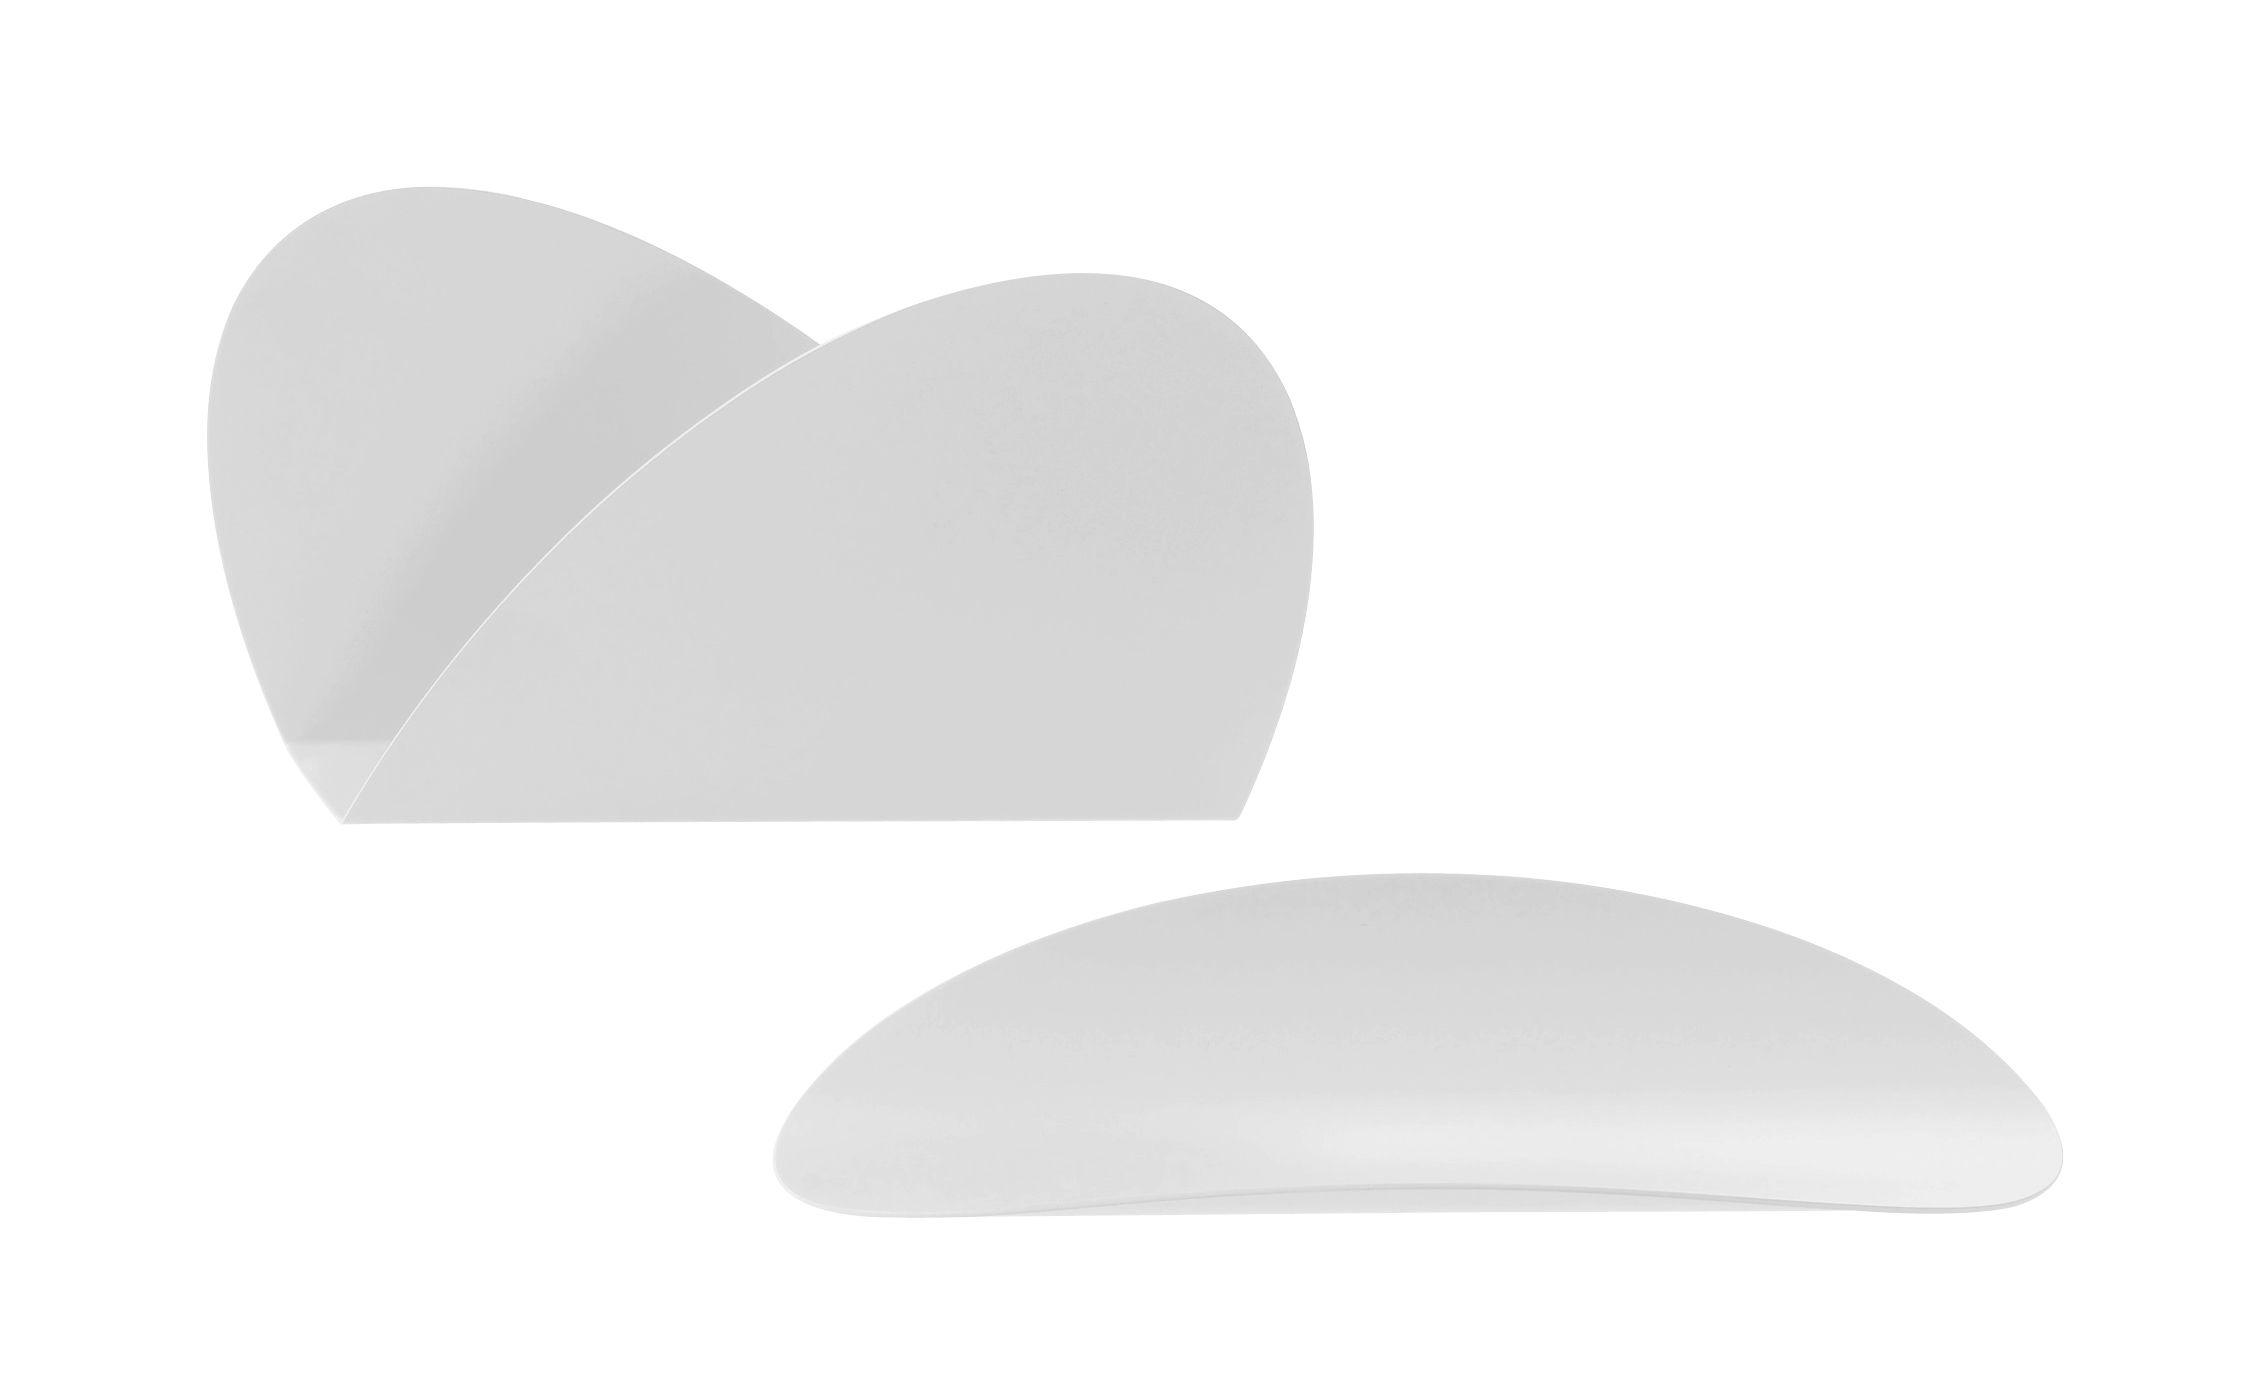 Accessoires - Accessoires bureau - Set Ellipse pour bureau / 1 plateau + 1 porte-enveloppes - Alessi - Blanc - Acier